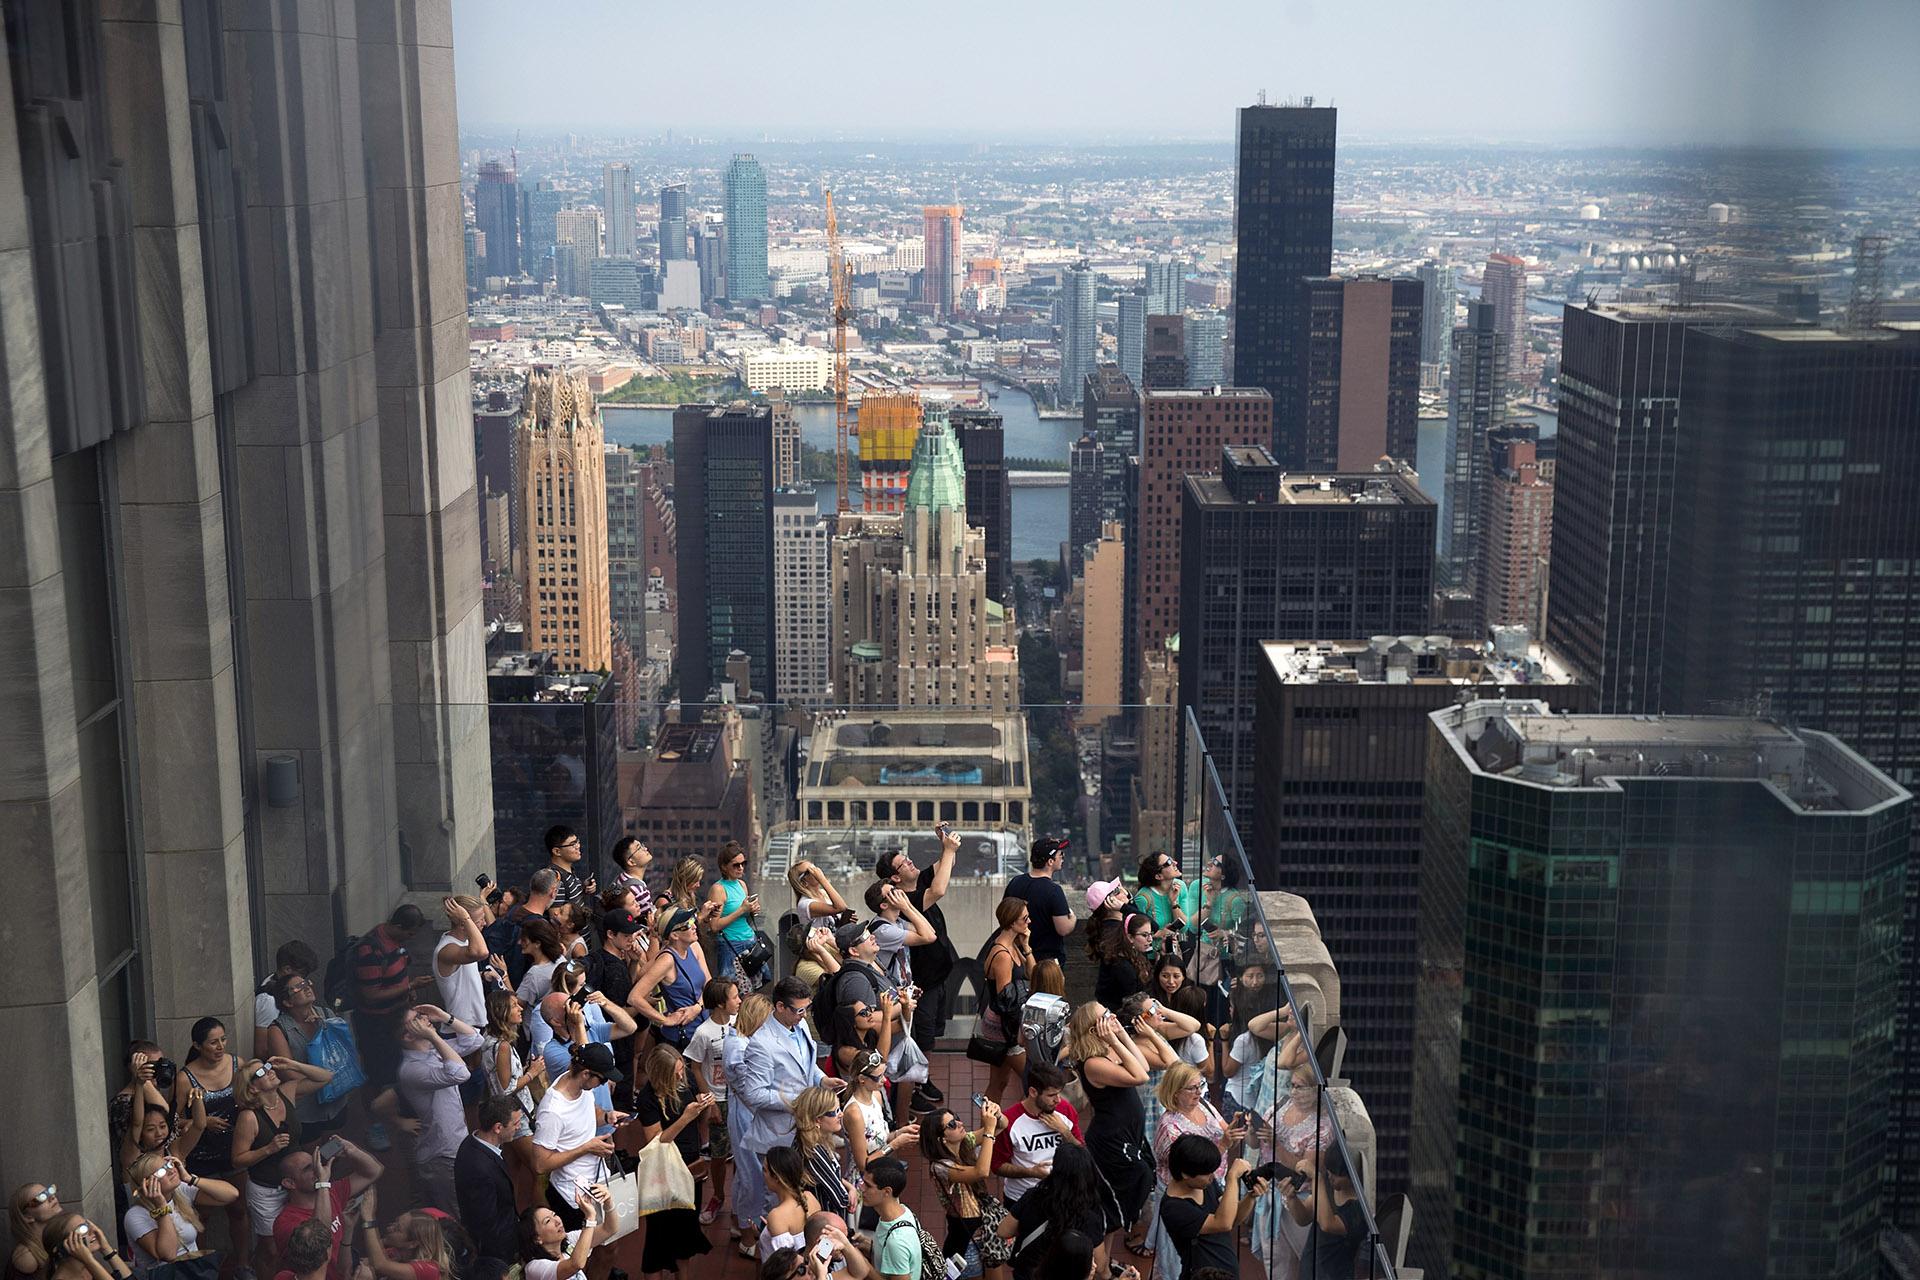 El eclipse solar desde Top of the Rock delRockefeller Center, en Nueva York